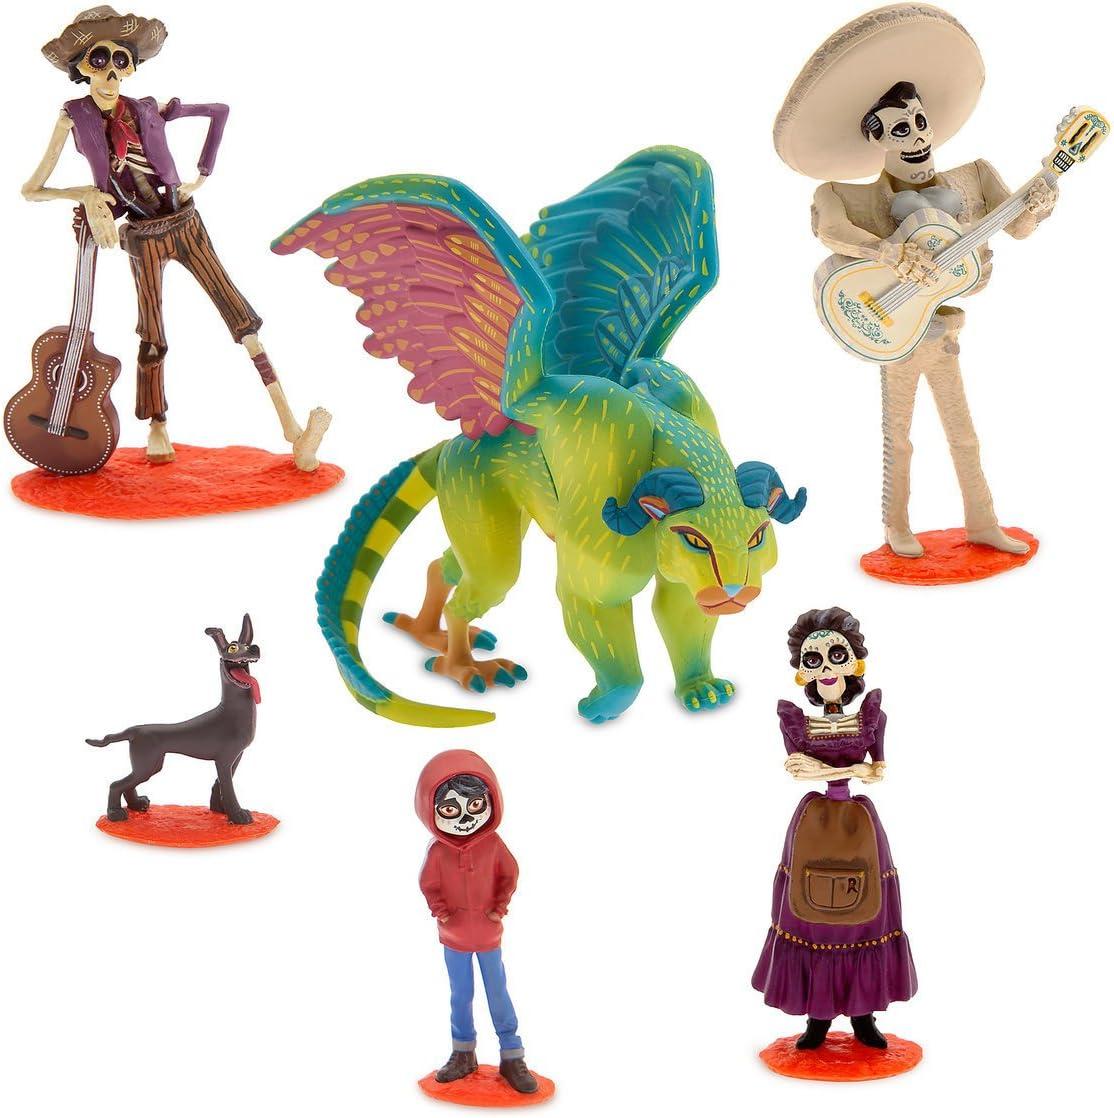 Disney - Coco 6 pcs Figurine Play Set: Amazon.es: Juguetes y juegos